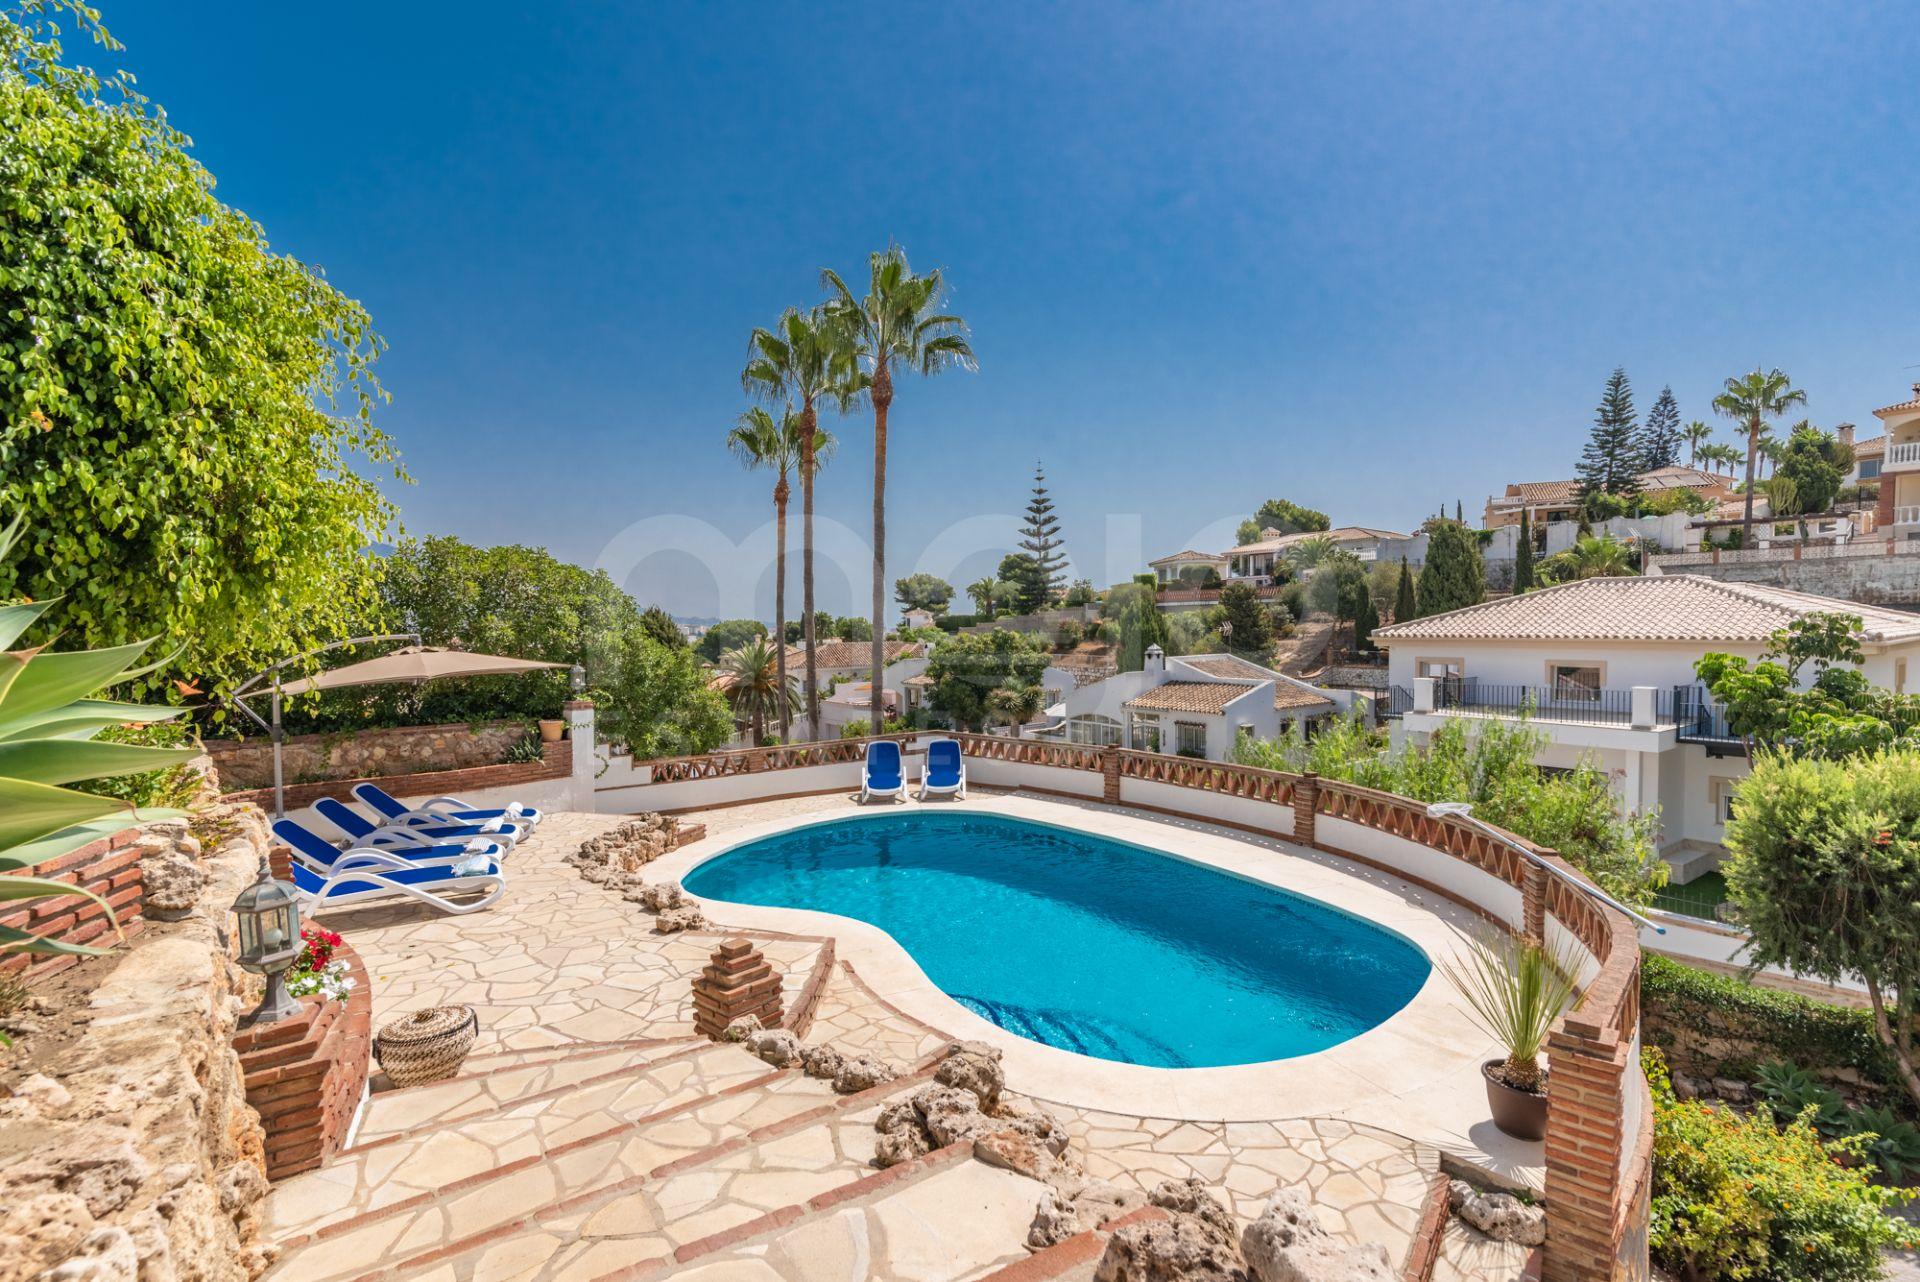 Fabulosa villa independiente de estilo andaluz ubicada en una conocida zona de Cerros del Aguila!